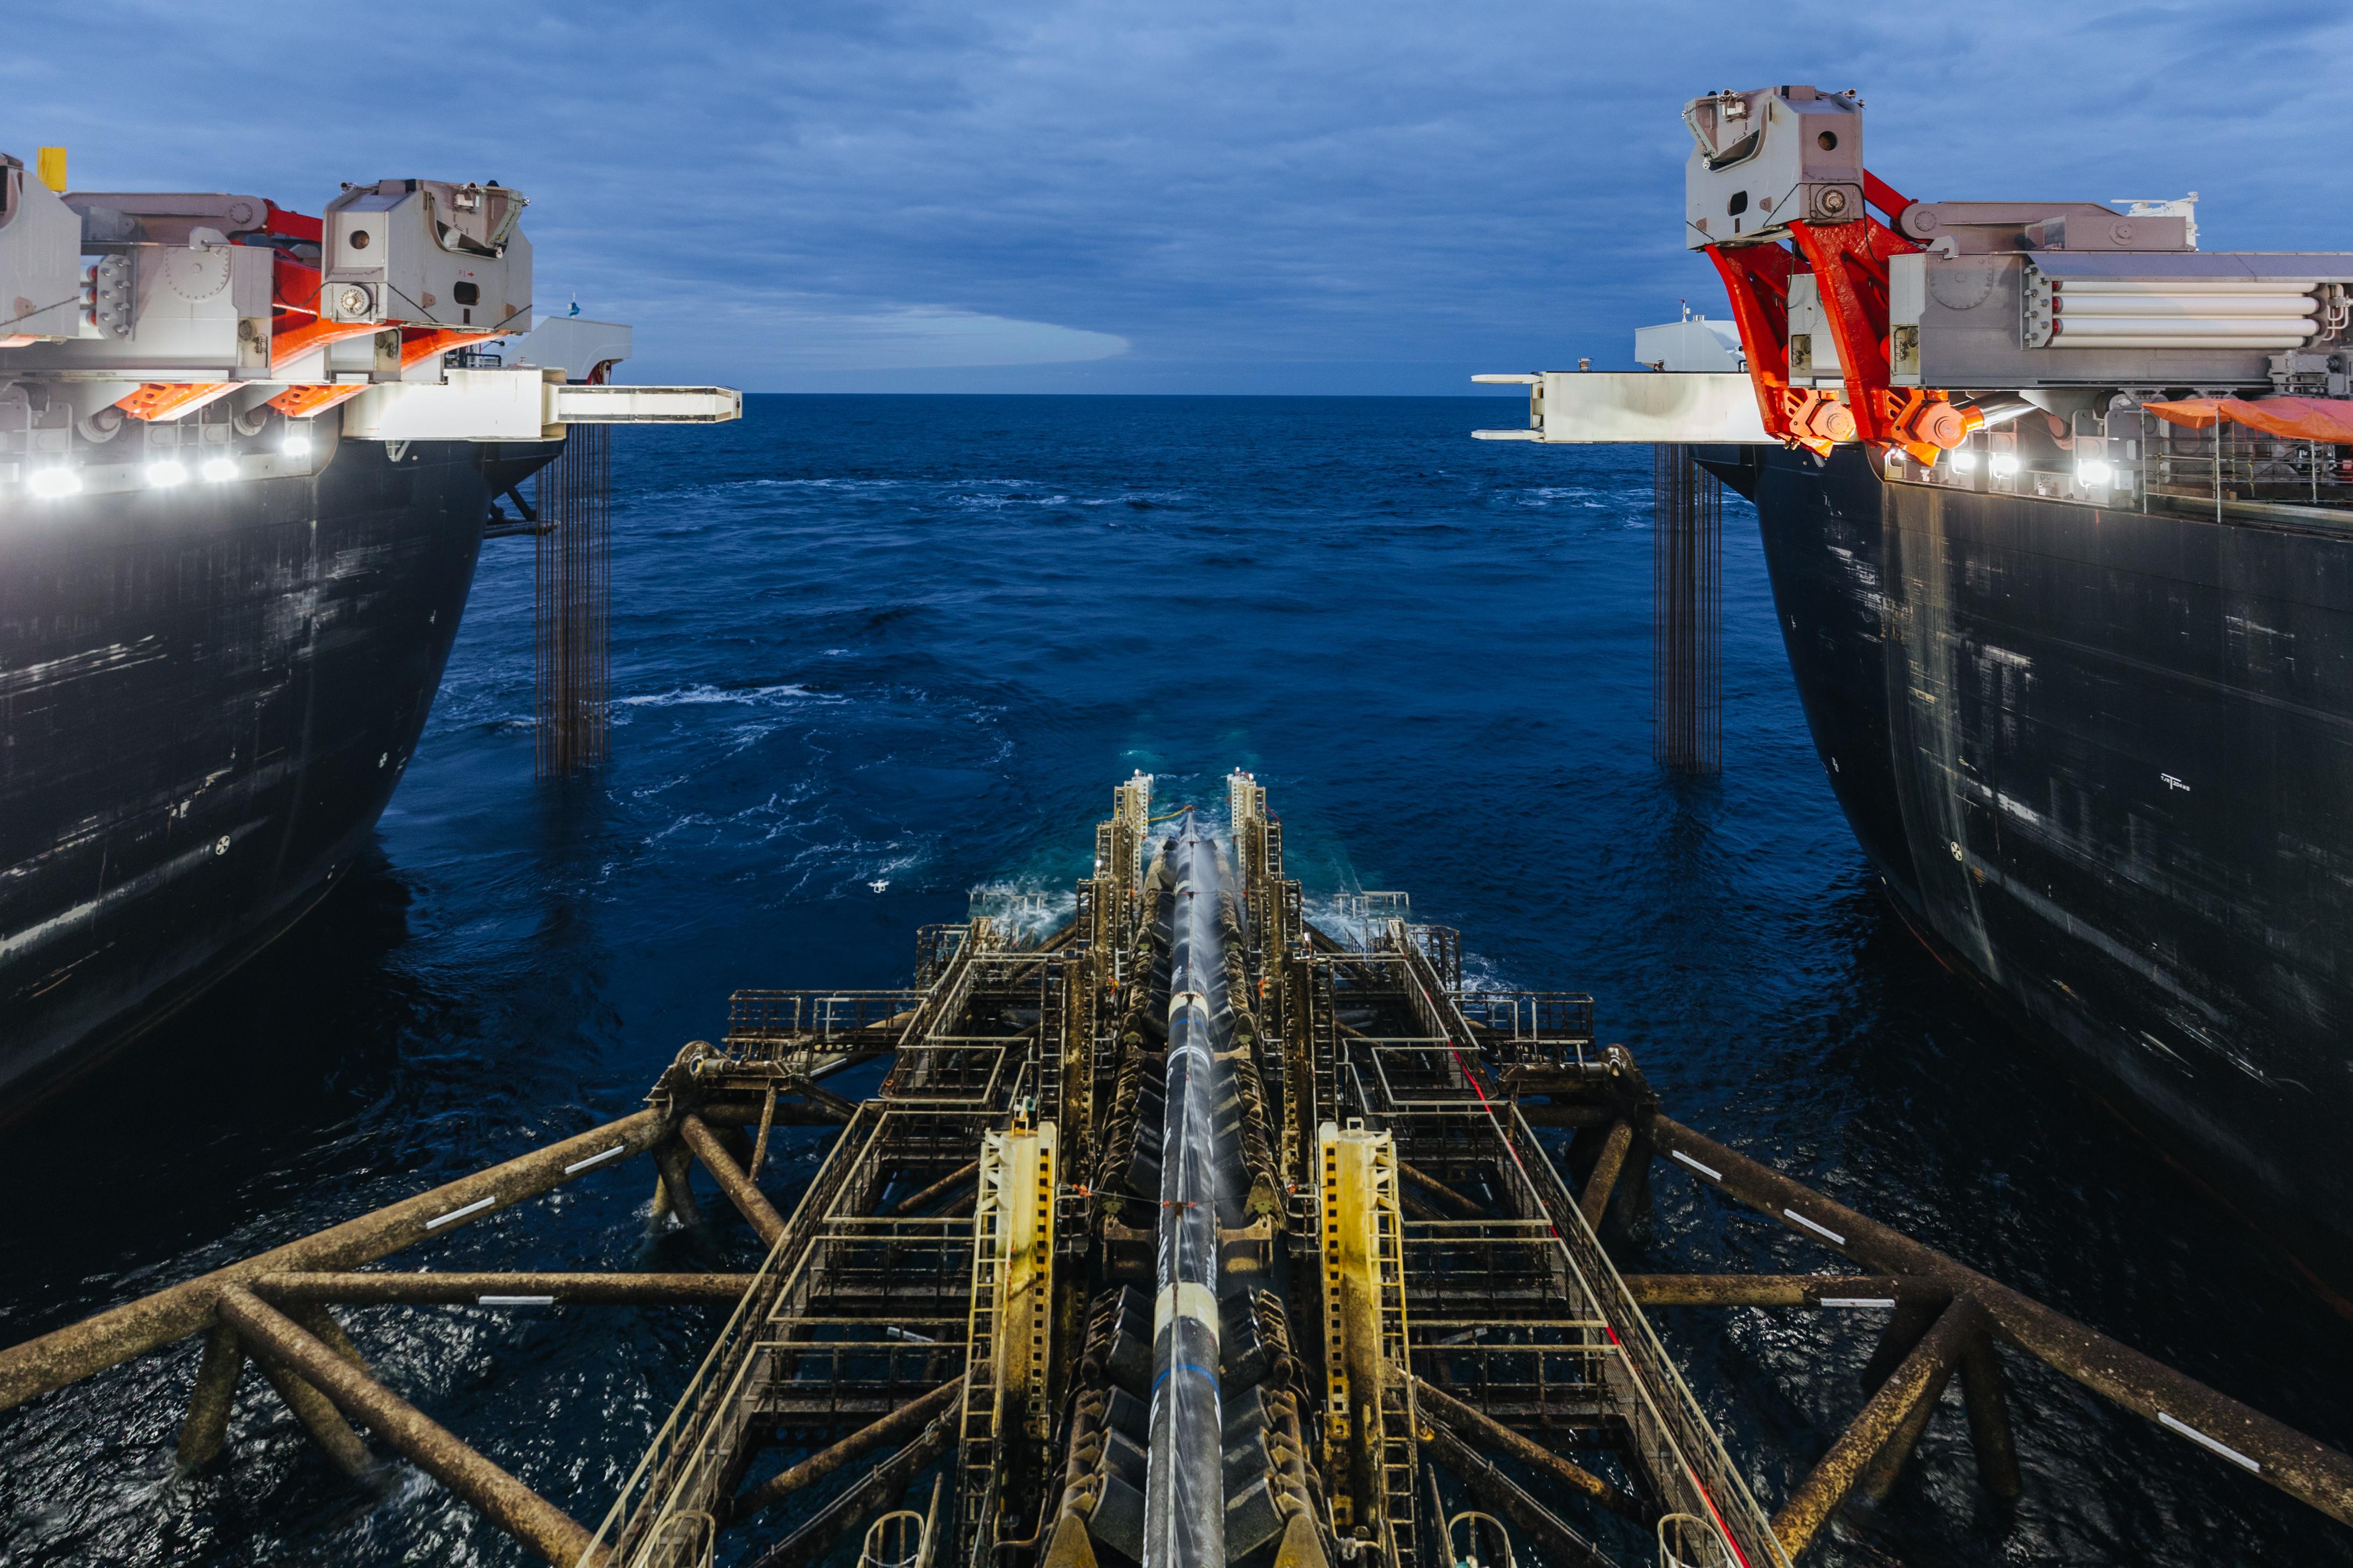 Υποθαλάσσιος αγωγός φυσικού αερίου